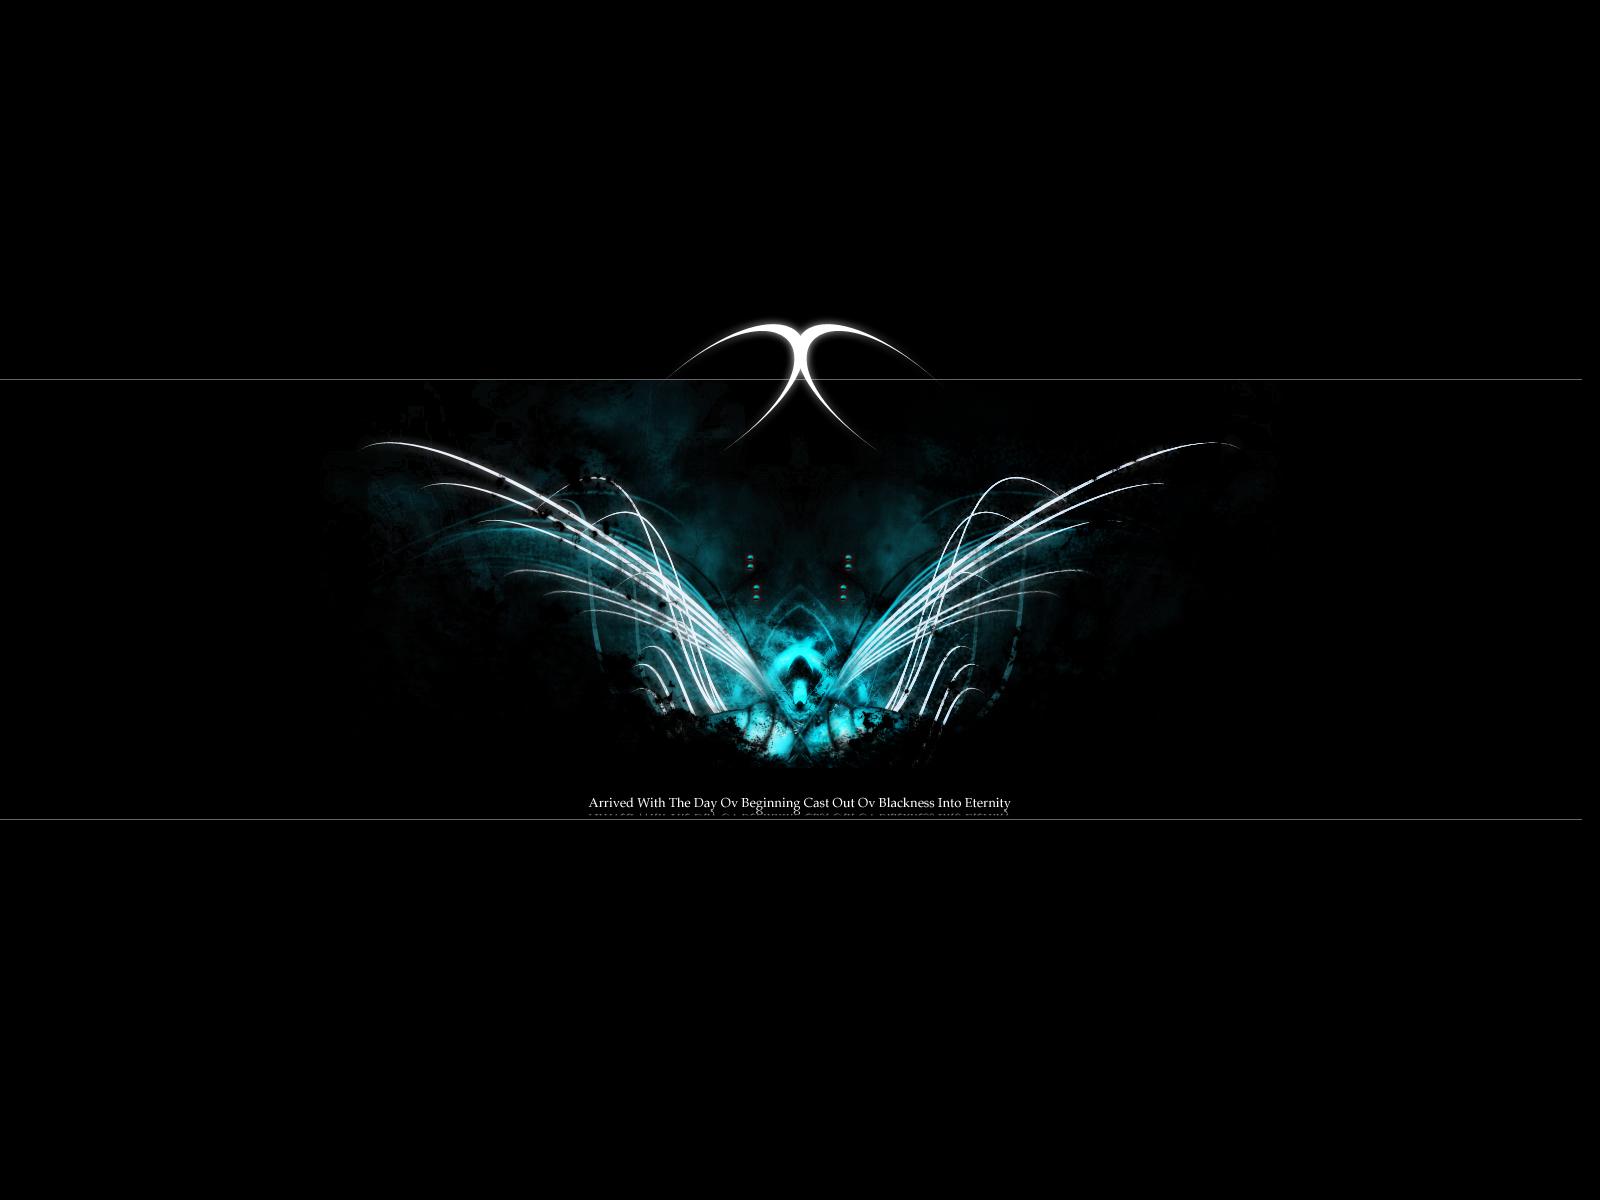 http://4.bp.blogspot.com/_yKeElVvCBTI/TKC5p3nYQ5I/AAAAAAAAGUw/azYHQthDMNM/s1600/black_wallpaper22_%2B%2BSomegalatta.blogspot.com.jpg